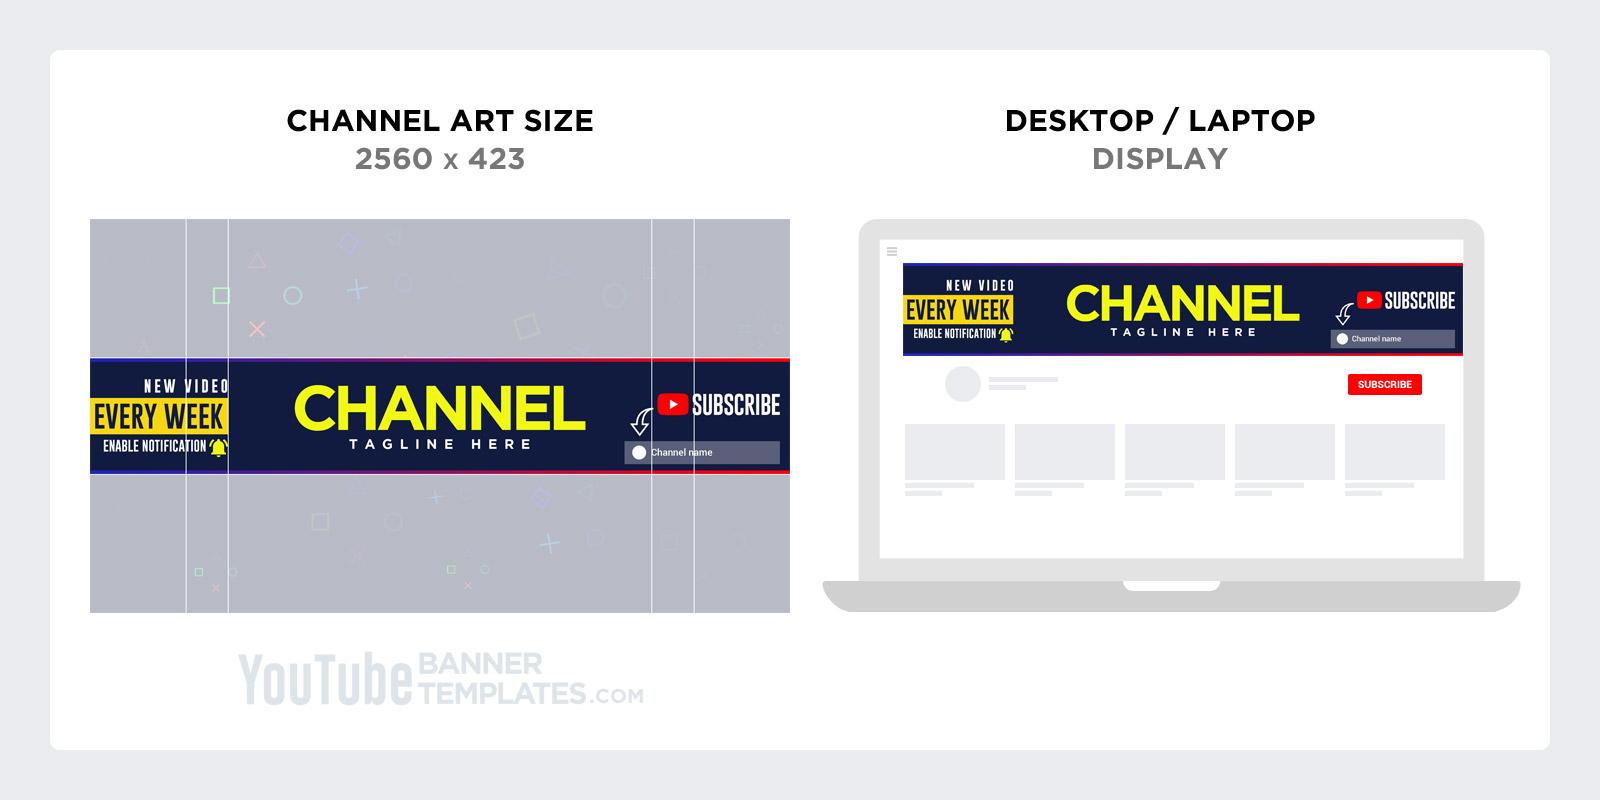 YouTube channel art size for Desktop